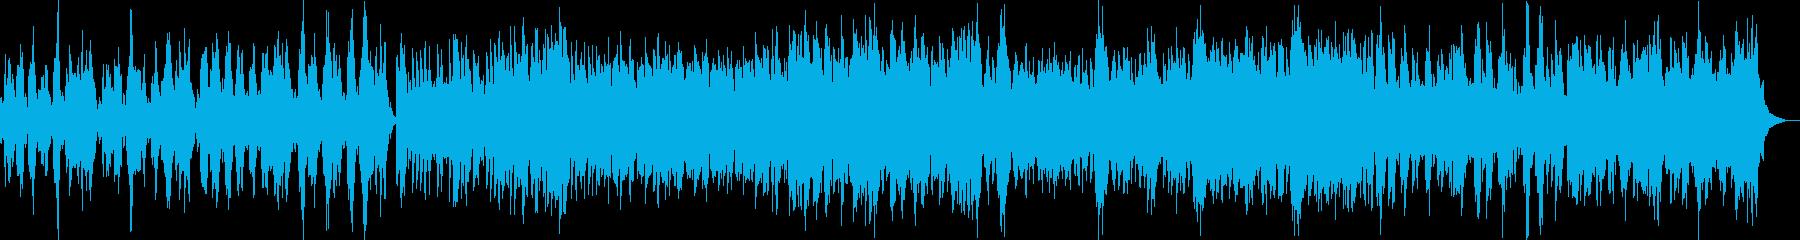 ケルト風ファンタジー世界の村BGMの再生済みの波形